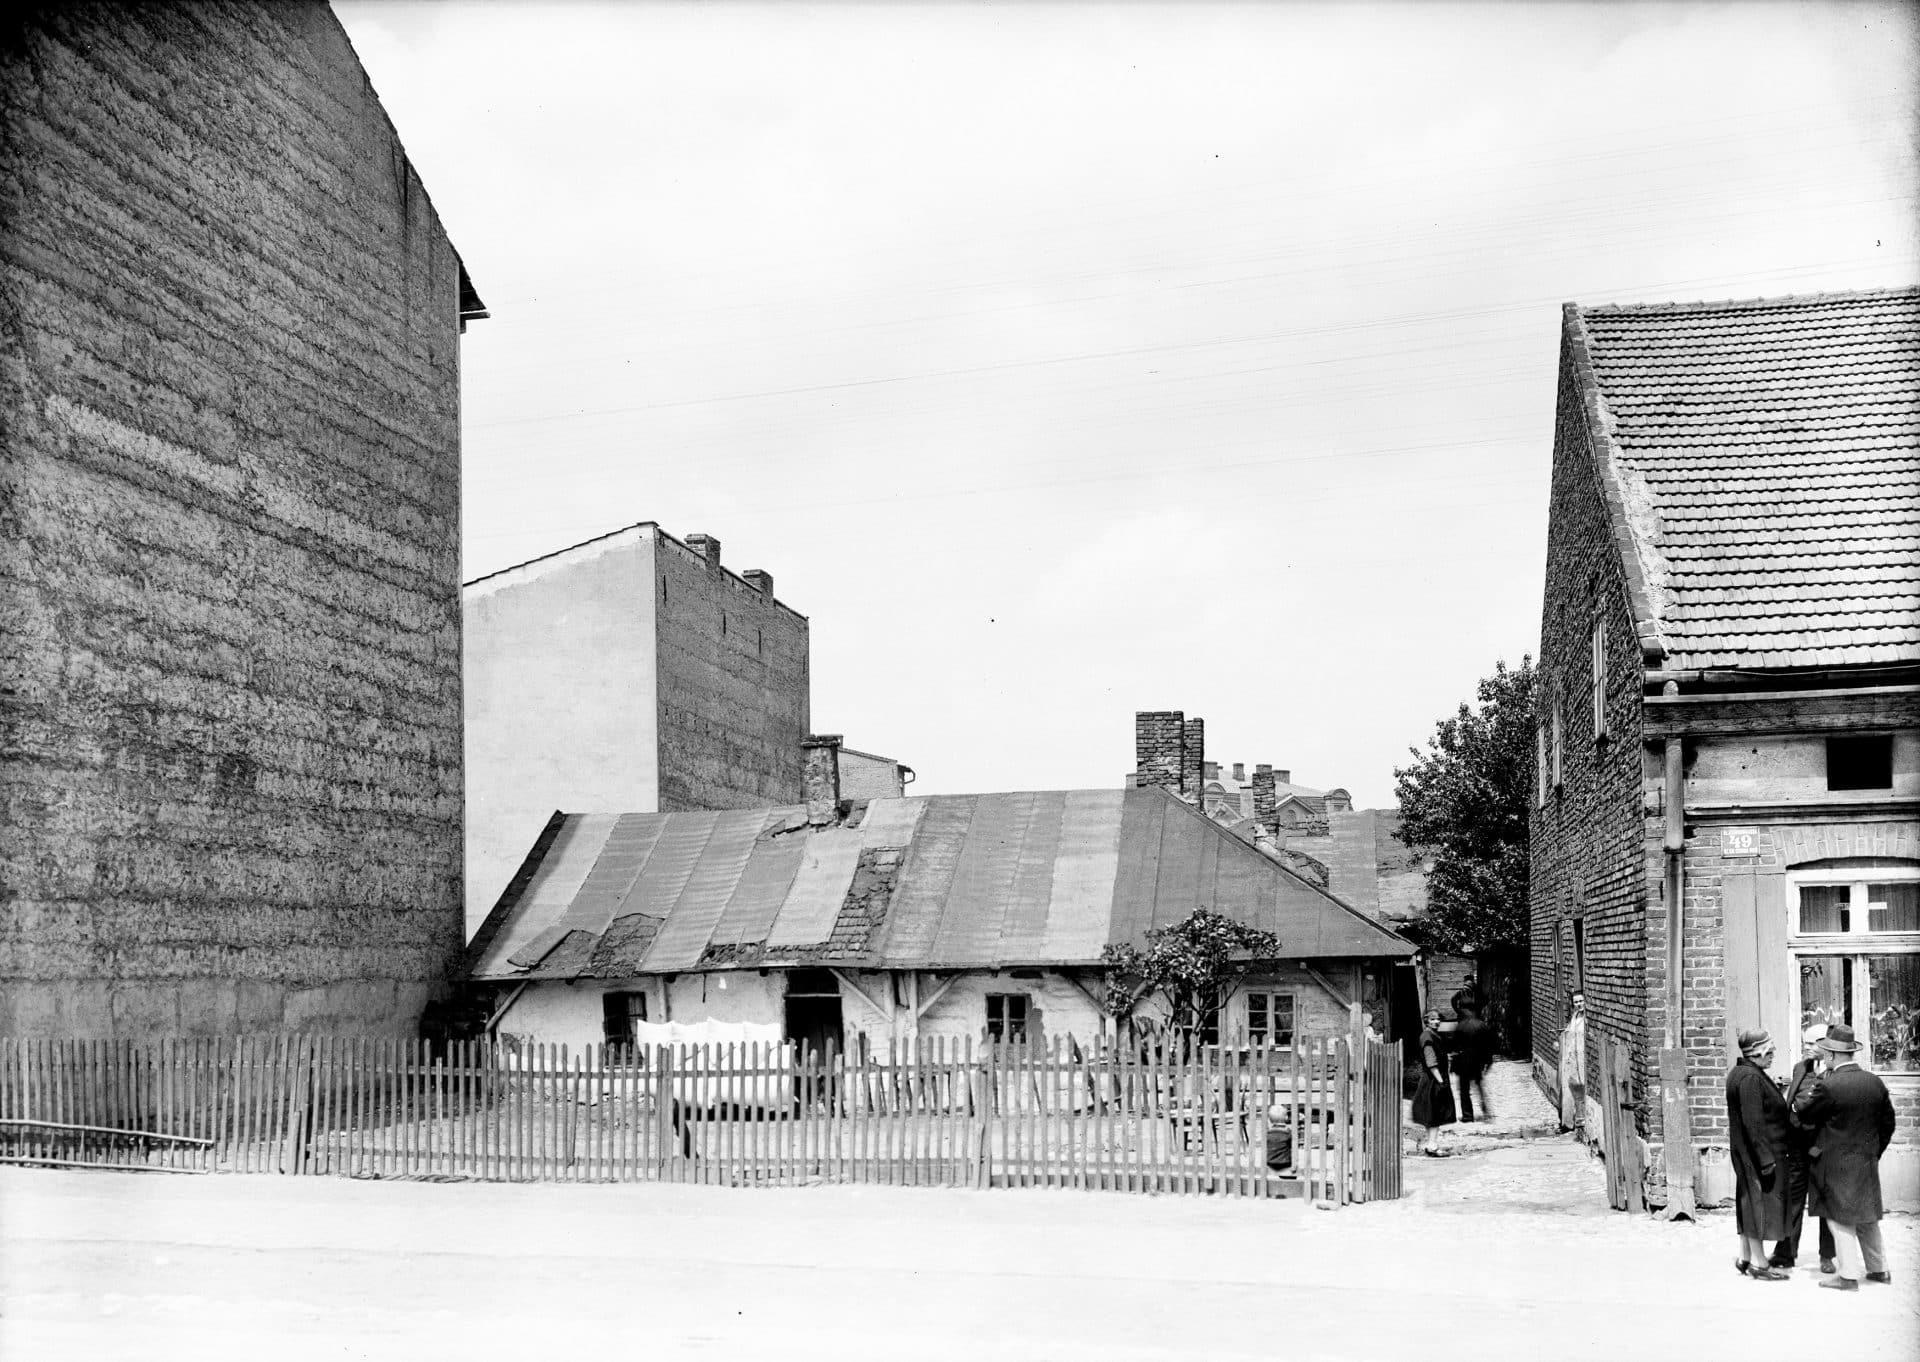 Jeden z budynków przy ulicy Czarnowiejskiej w Krakowie w 1927 roku. Źródło: Narodowe Archiwum Cyfrowe.